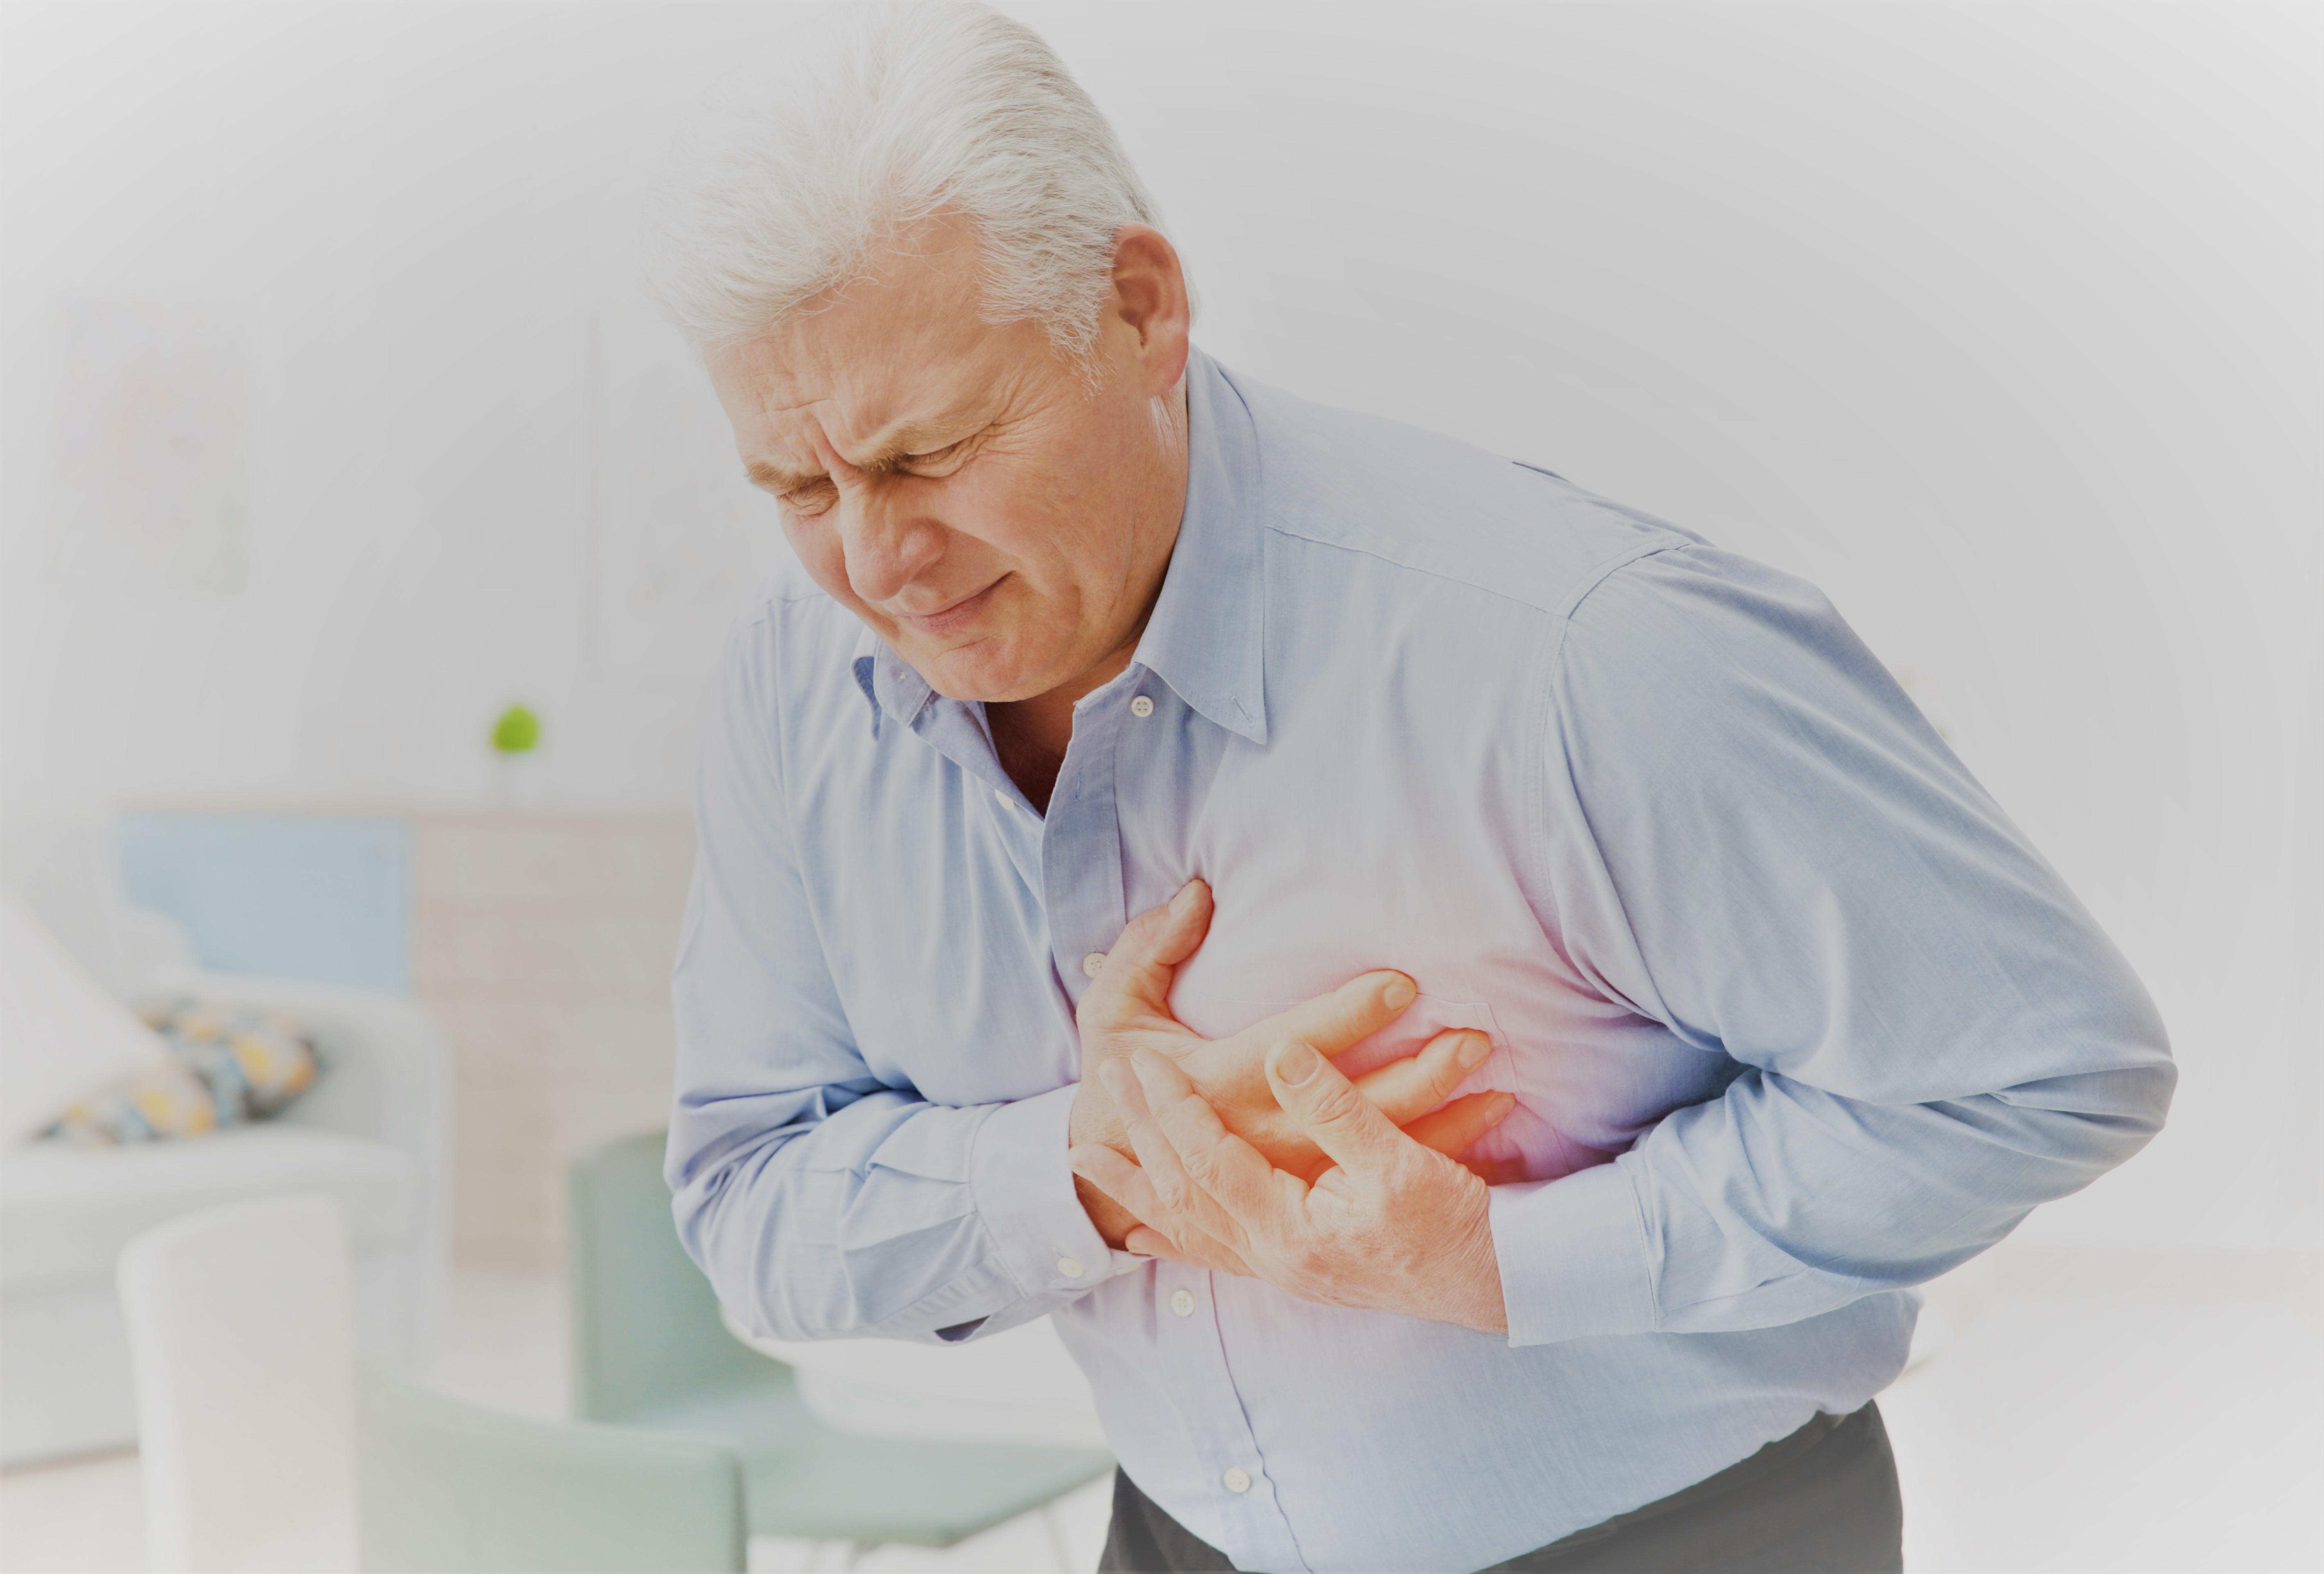 torna a vállízületnél a fájdalom miatt